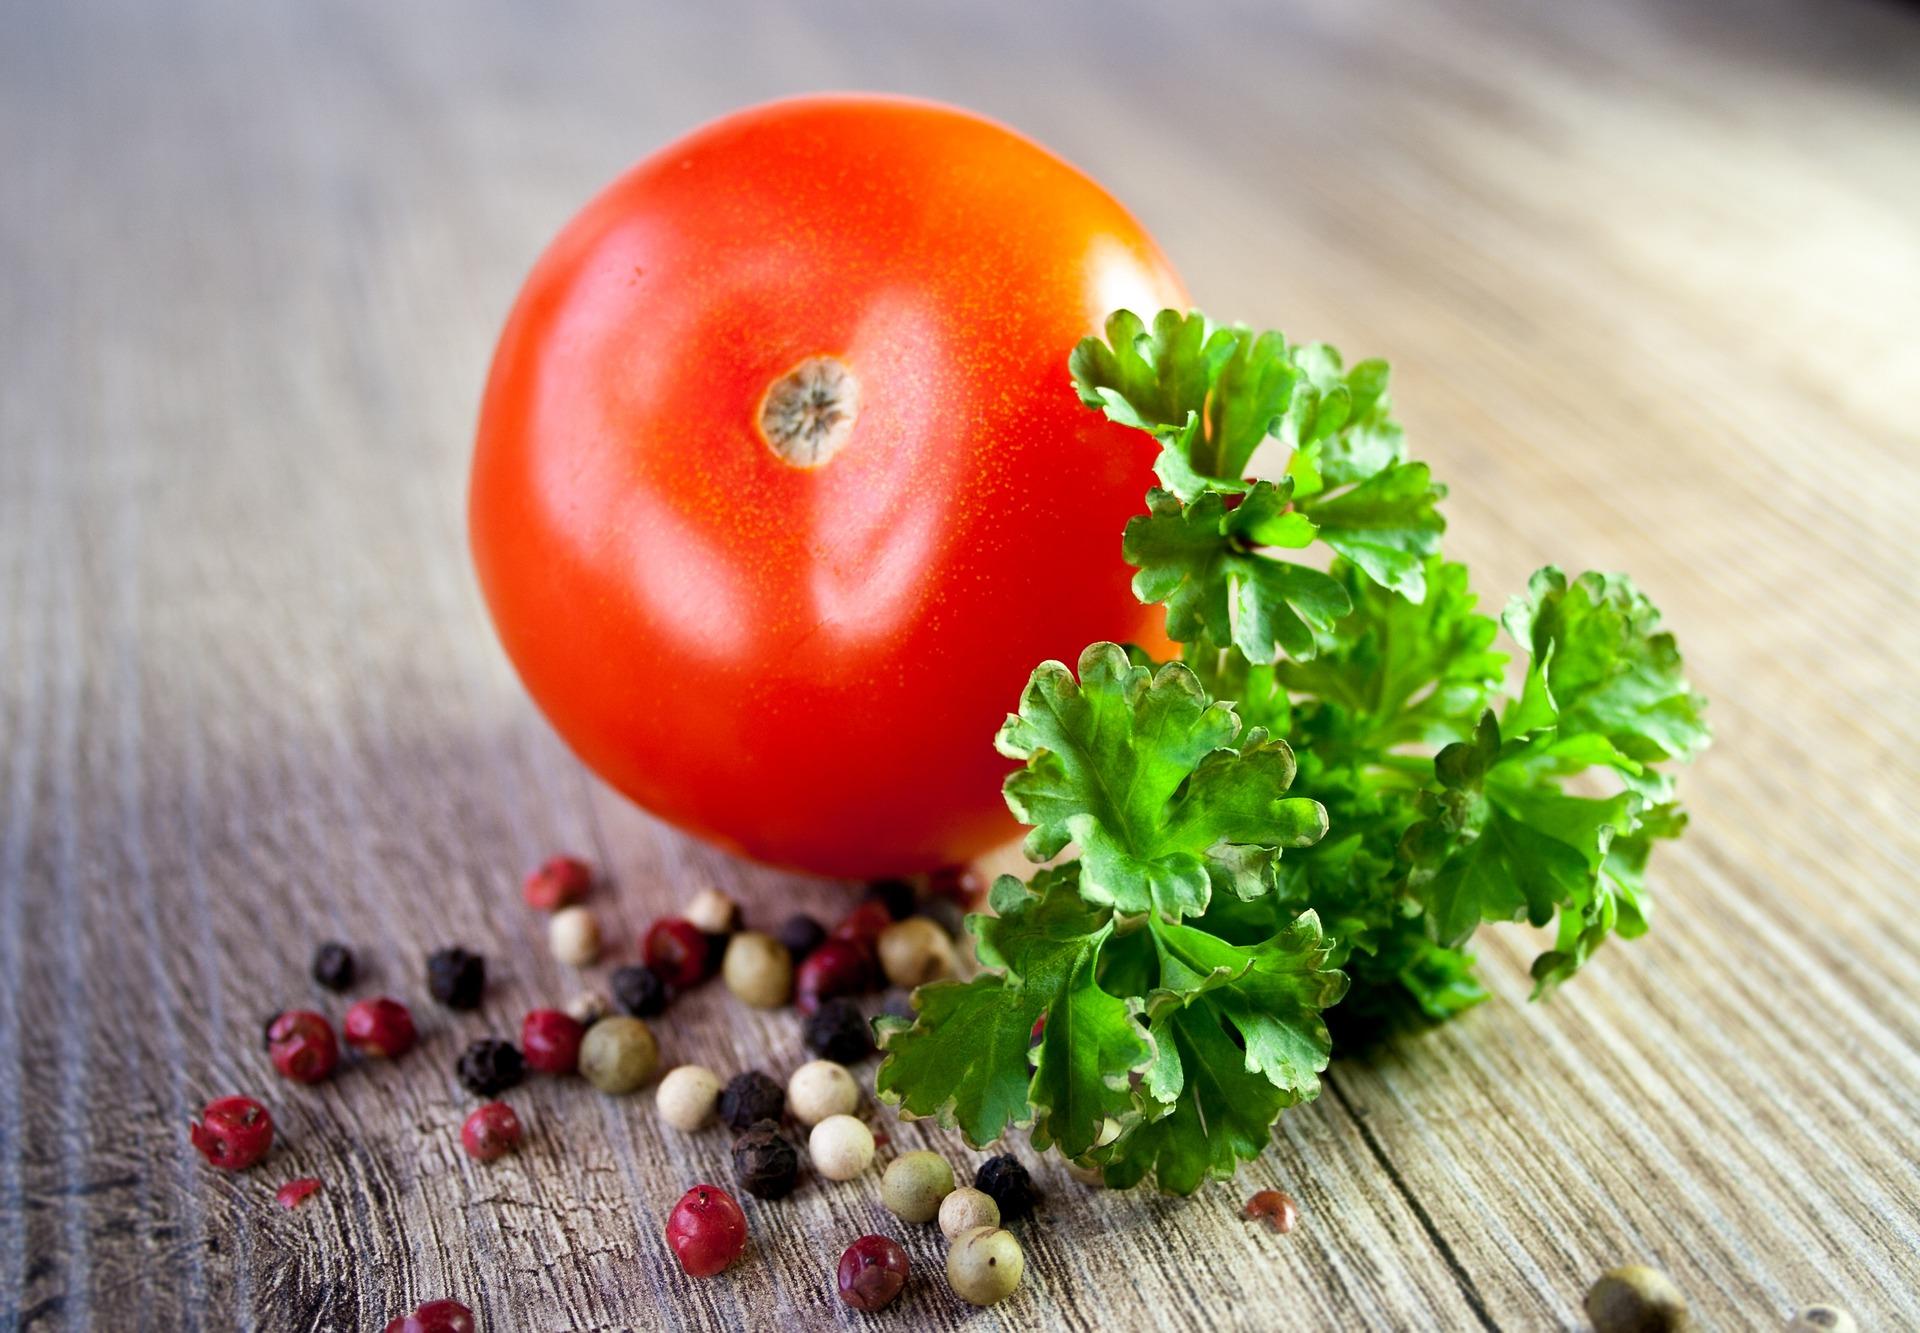 tomato-663097_1920